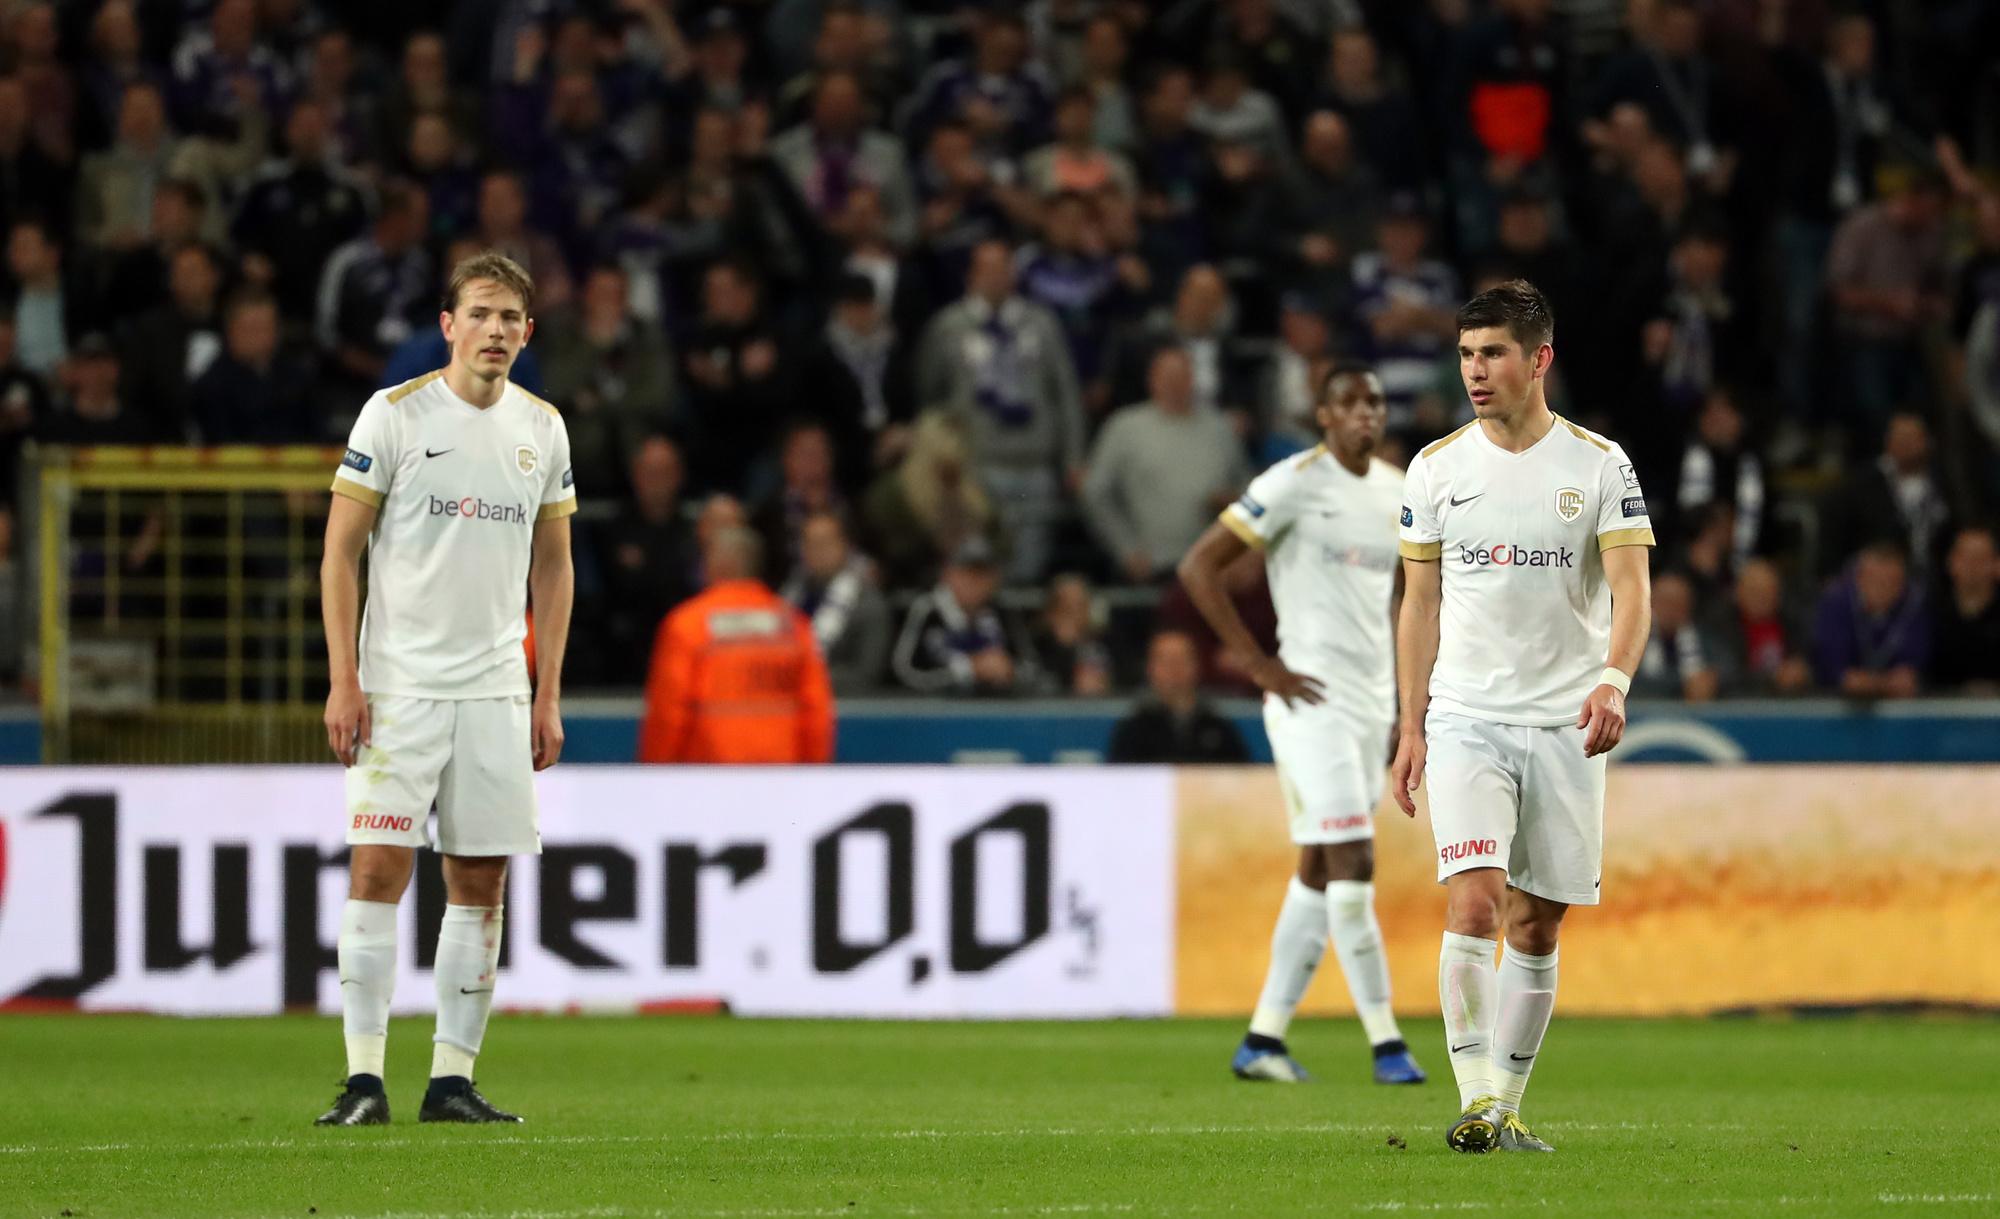 Genk, ici avec Sander Berge (maintenant Sheffield United) et Ruslan Malinovsky (maintenant Atalanta) est l'un des meilleurs fournisseurs du Big 5.